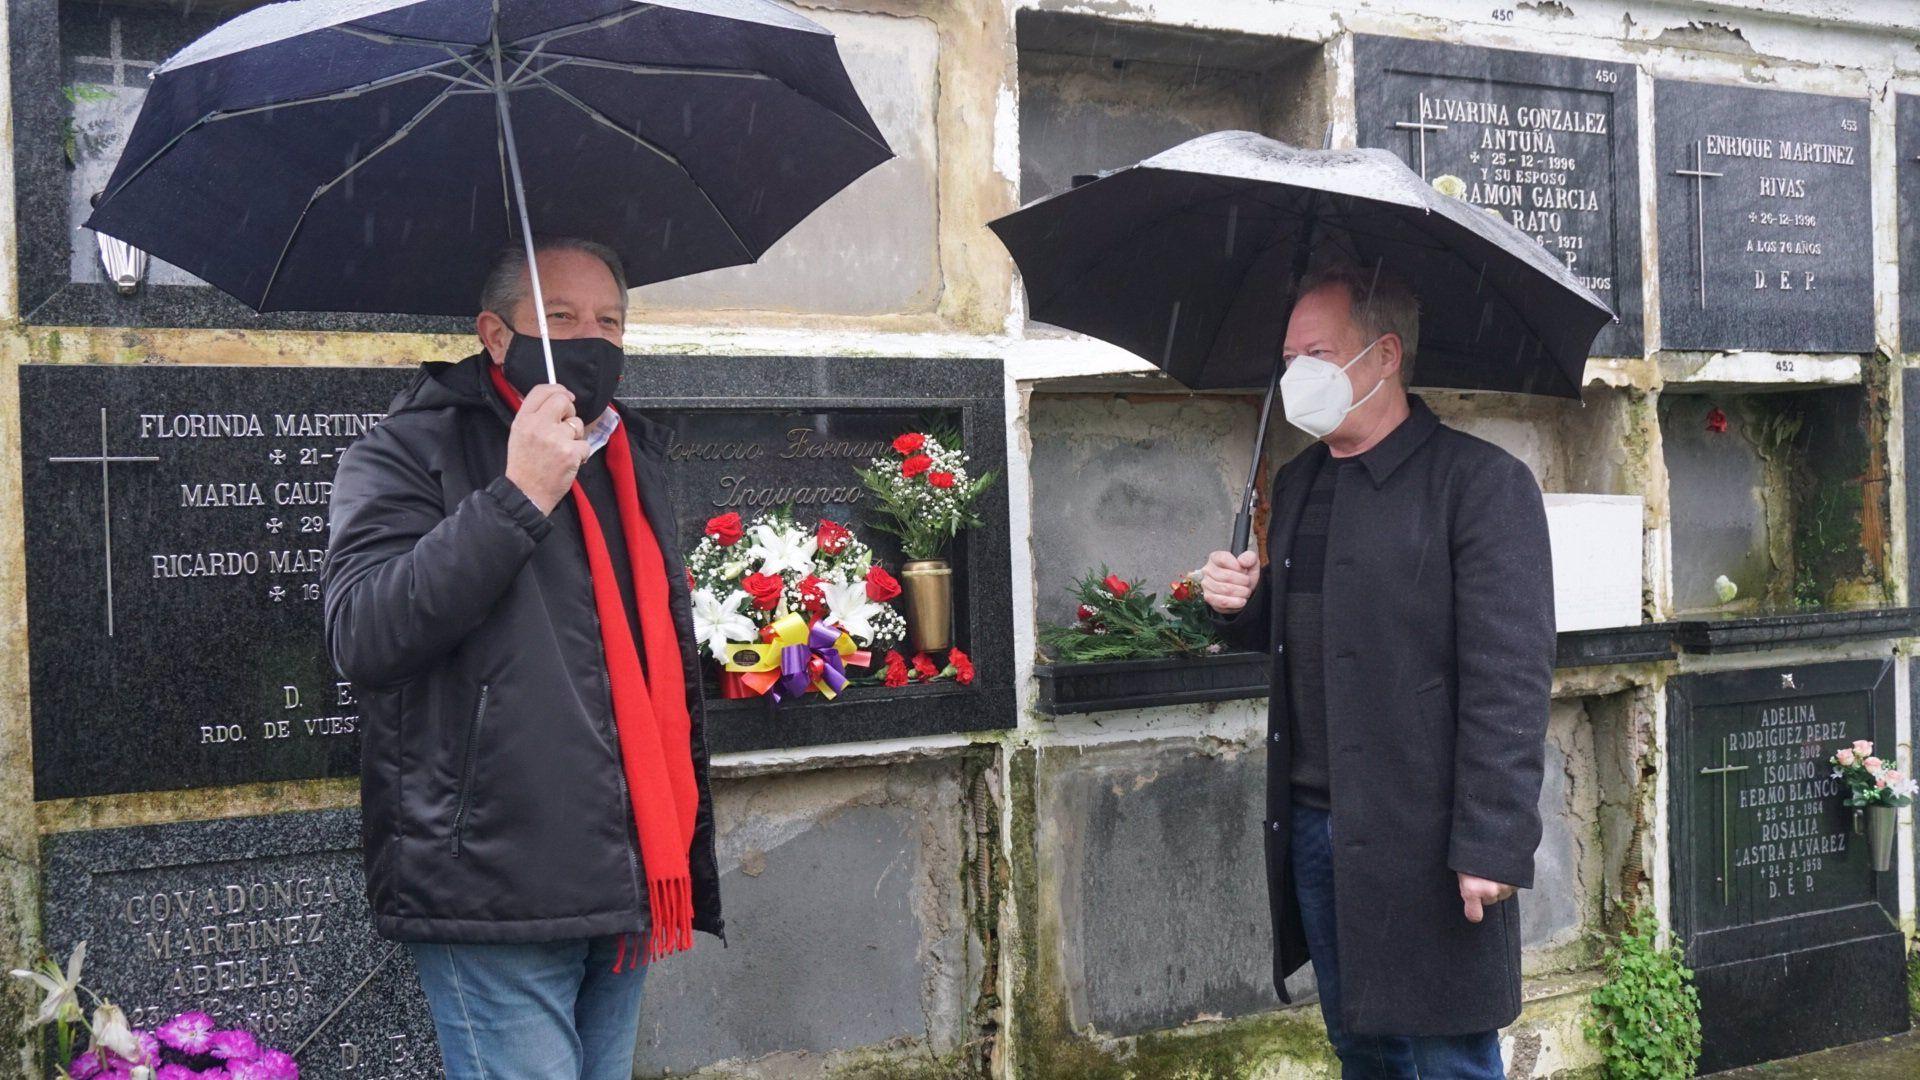 Acto de recuerdo por el 25 aniversario de la muerte de Horacio Fernández Iguanzo